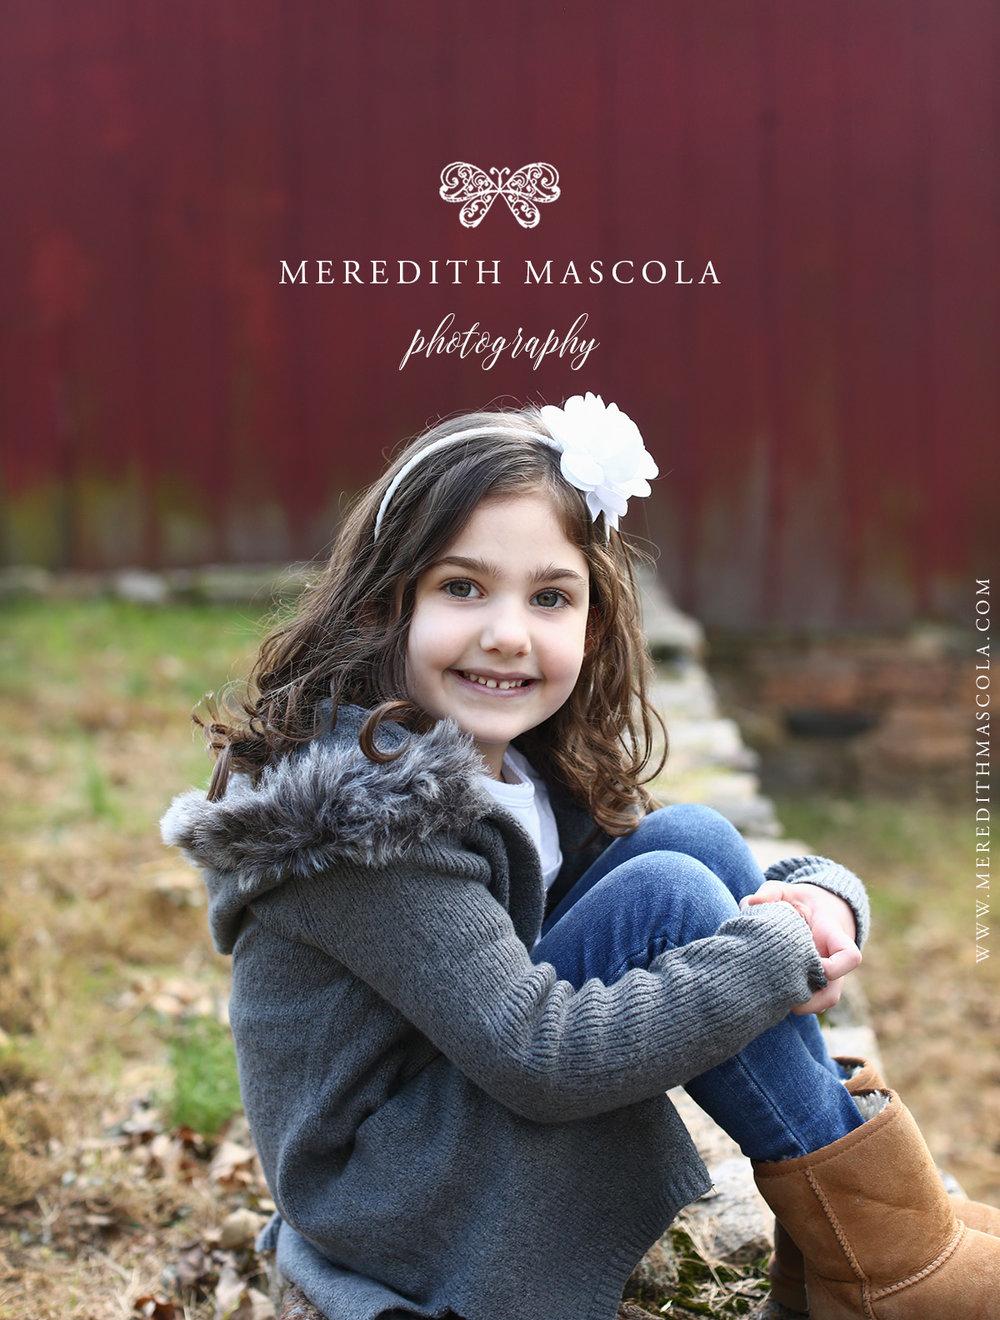 newjerseyfamilyphotographer101.jpg